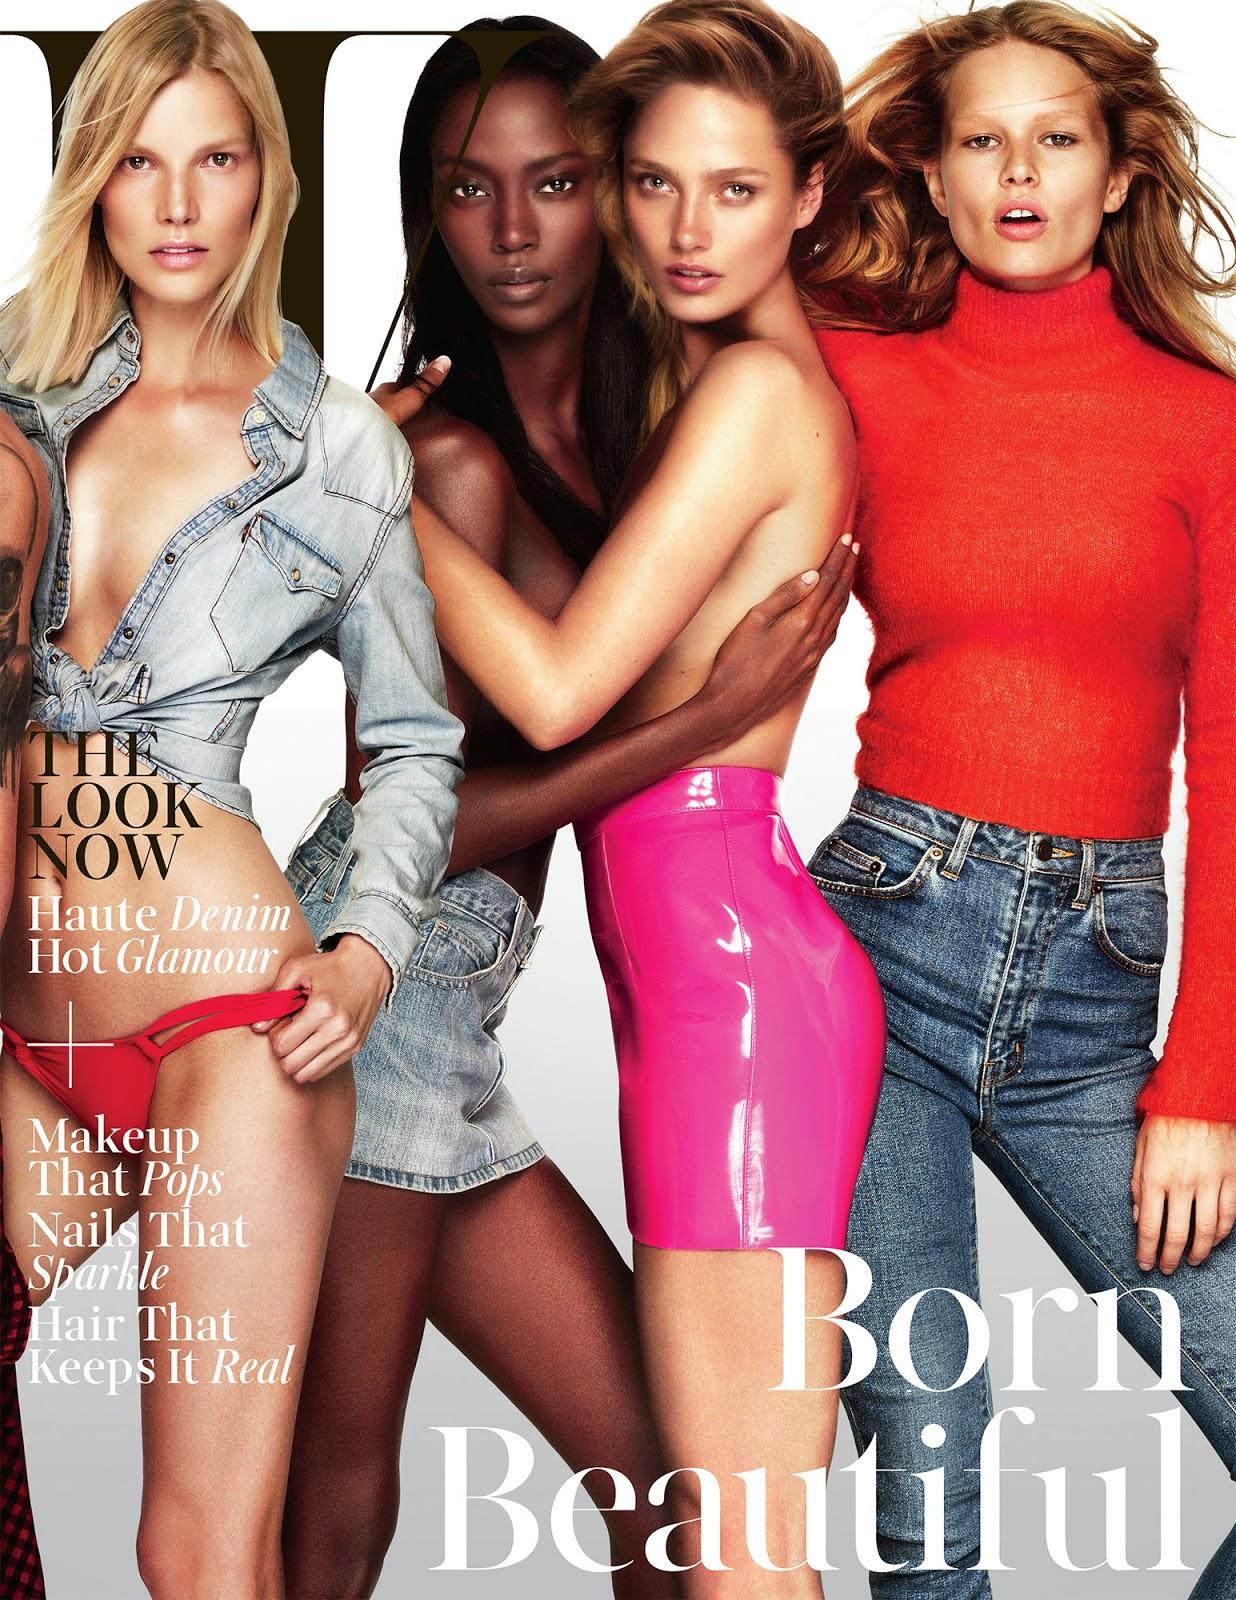 W Magazine Daria Werbowy, Kate Moss, Daan Van Der Deen, Lara Stone, and Raquel Zimmermann